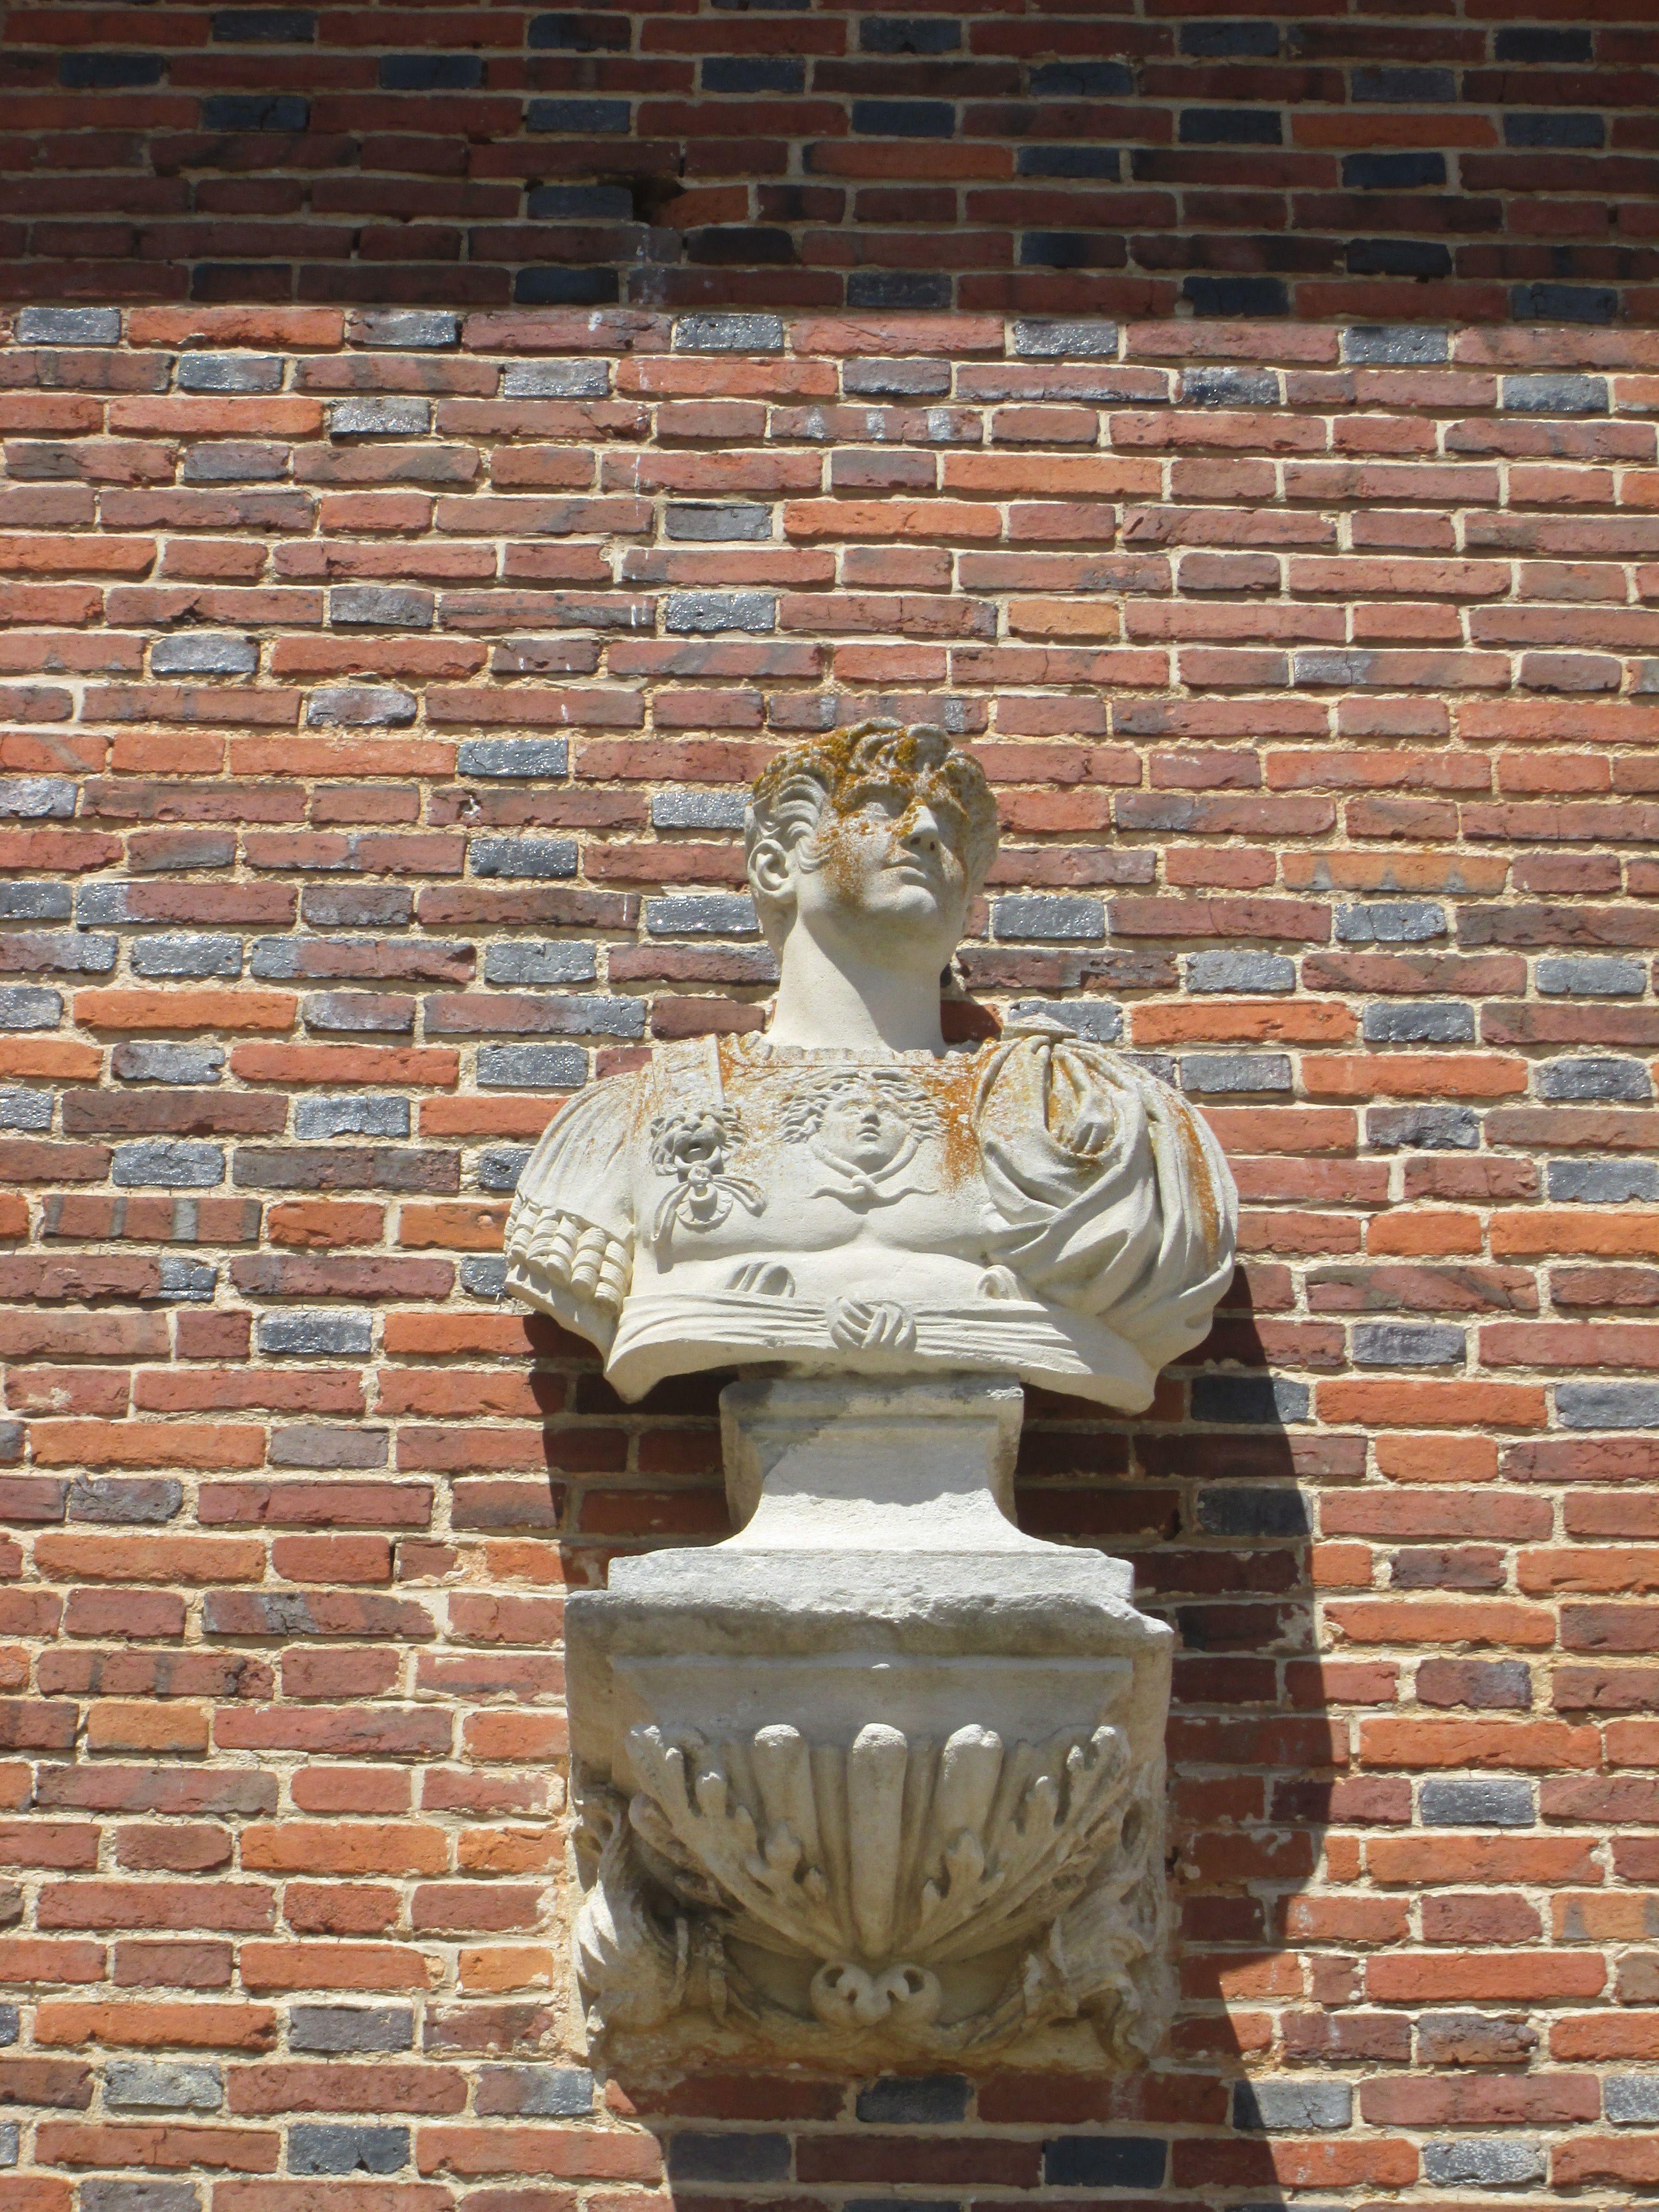 Chateau du Champ de Bataille: l'un des bustes d'empereur romain placés sur la façade de briques, à l'image de ceux que l'on retrouvera plus tard dans la cour de marbre de Versailles.